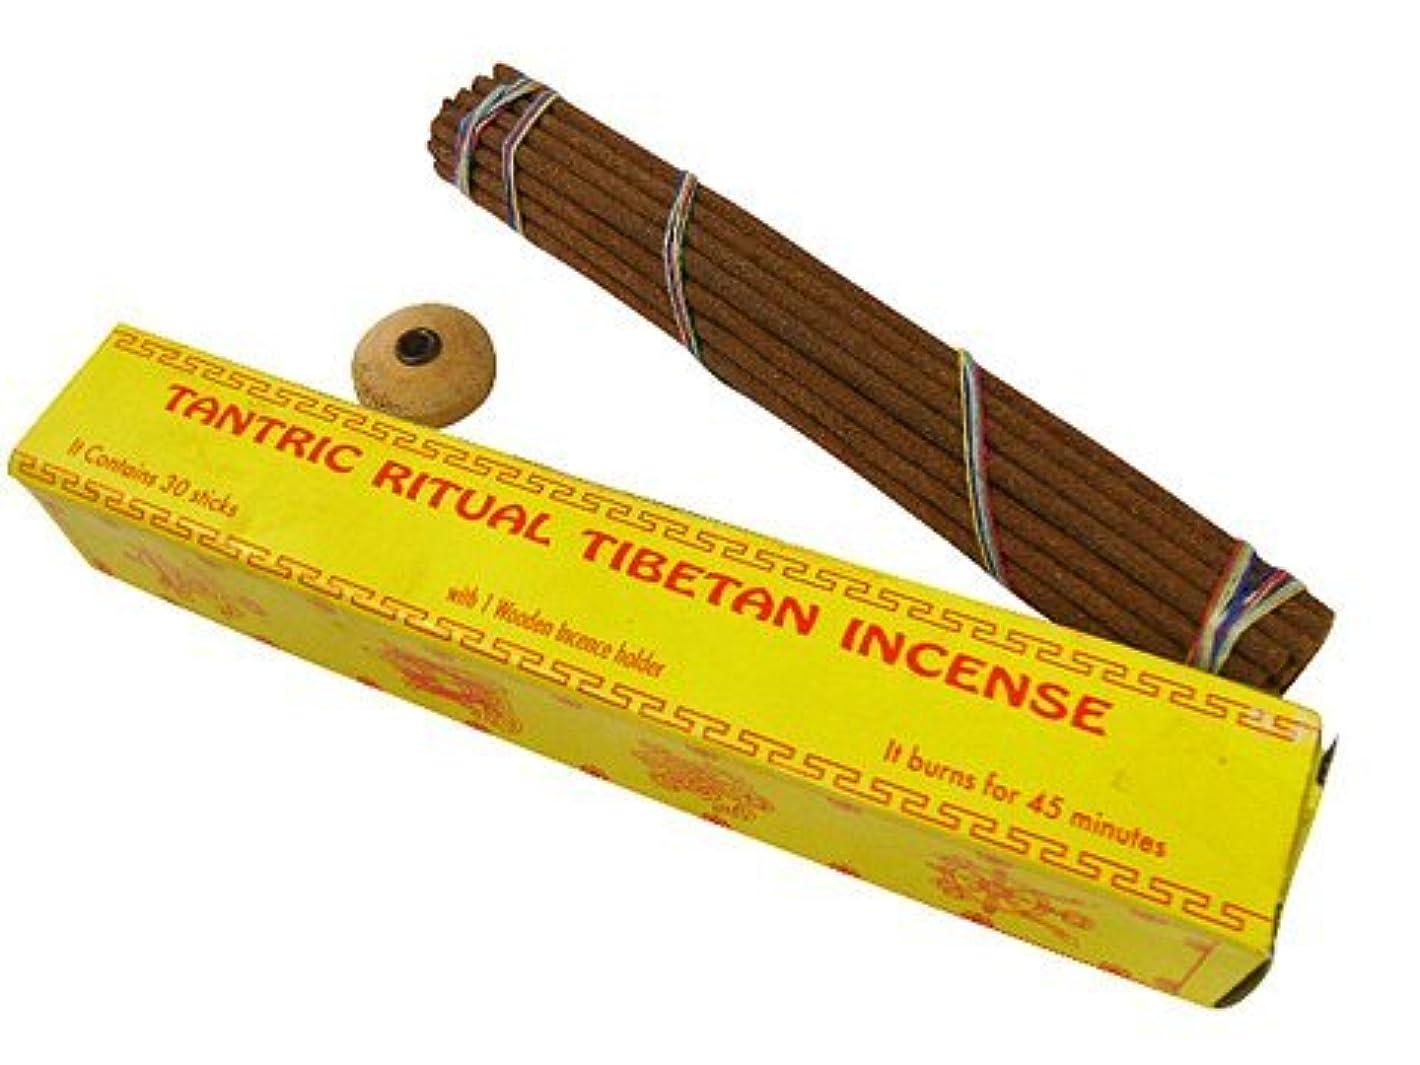 明るい必需品専らNEPAL INCENSE 【Tantric Ritual Tibetan Incenseタントリックリチュアル】